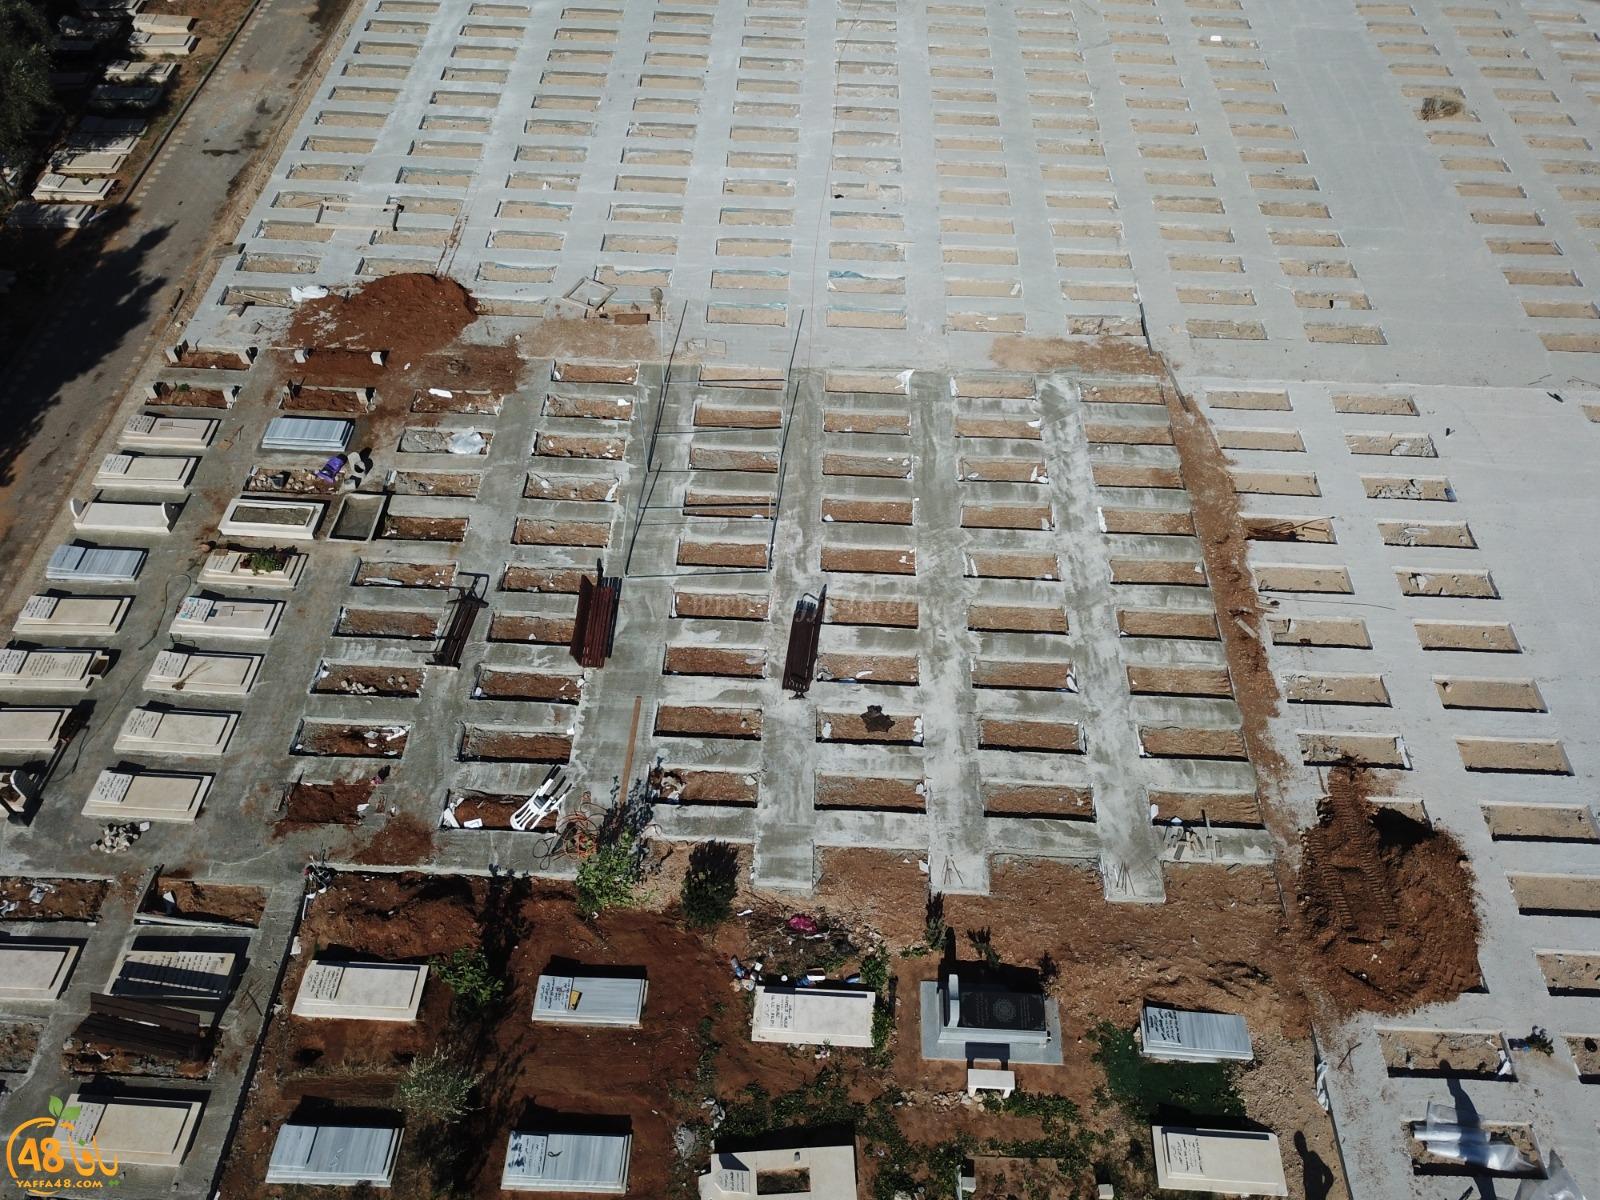 فيديو: بعد التبرّع السخي من أهالي اللد - الهيئة بيافا تُعلن قرب تدشين مشروع المسطحات في طاسو